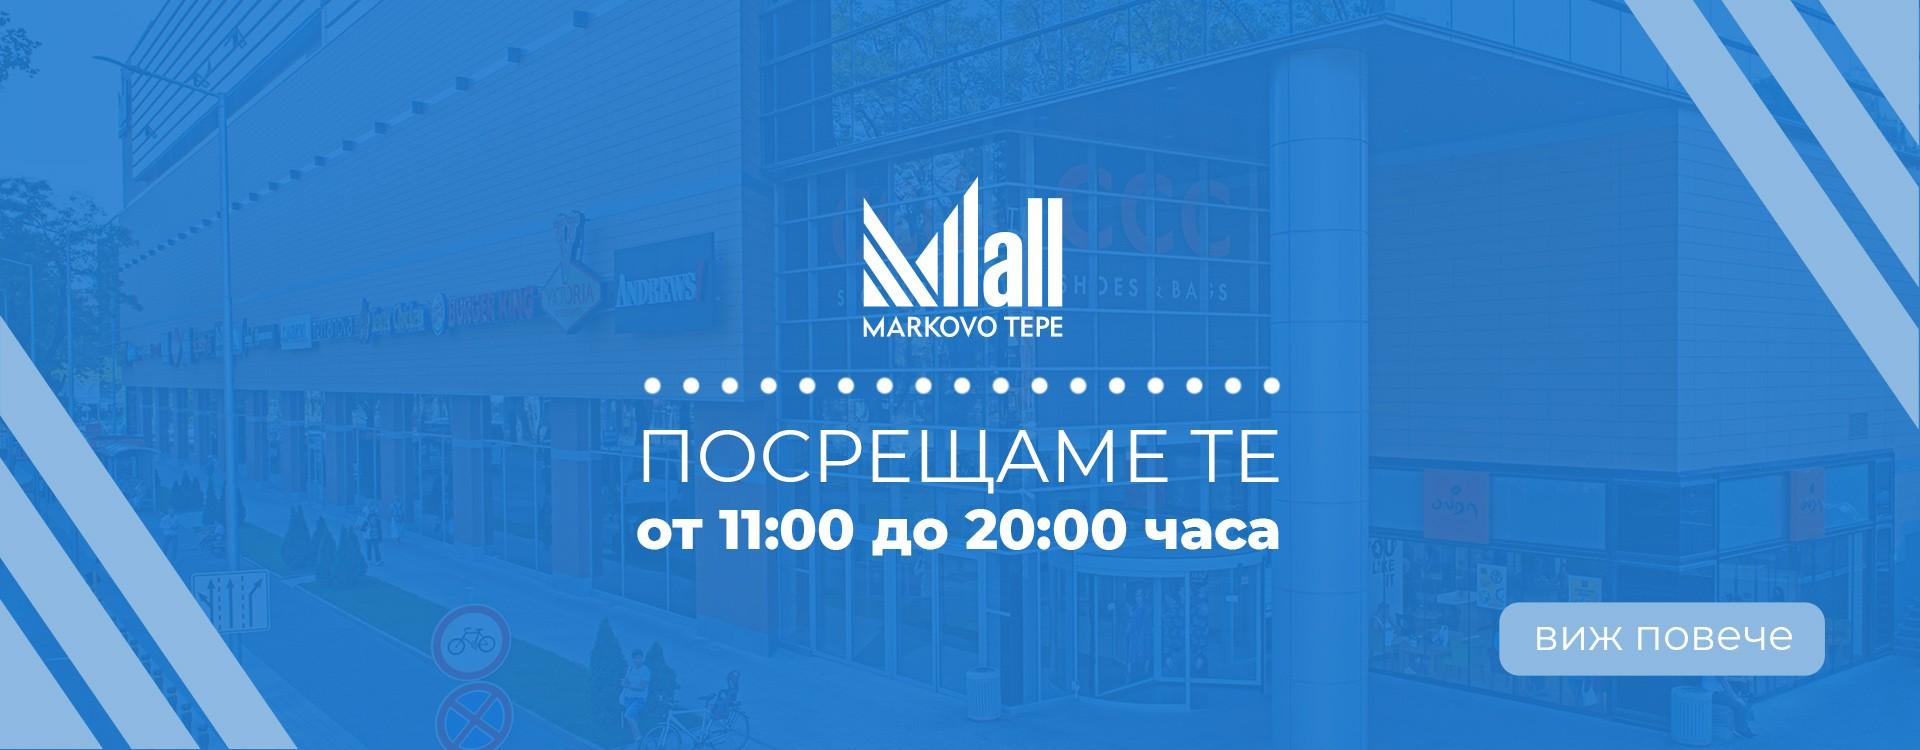 Посрещаме те от 11:00 до 20:00 часа_1920x660